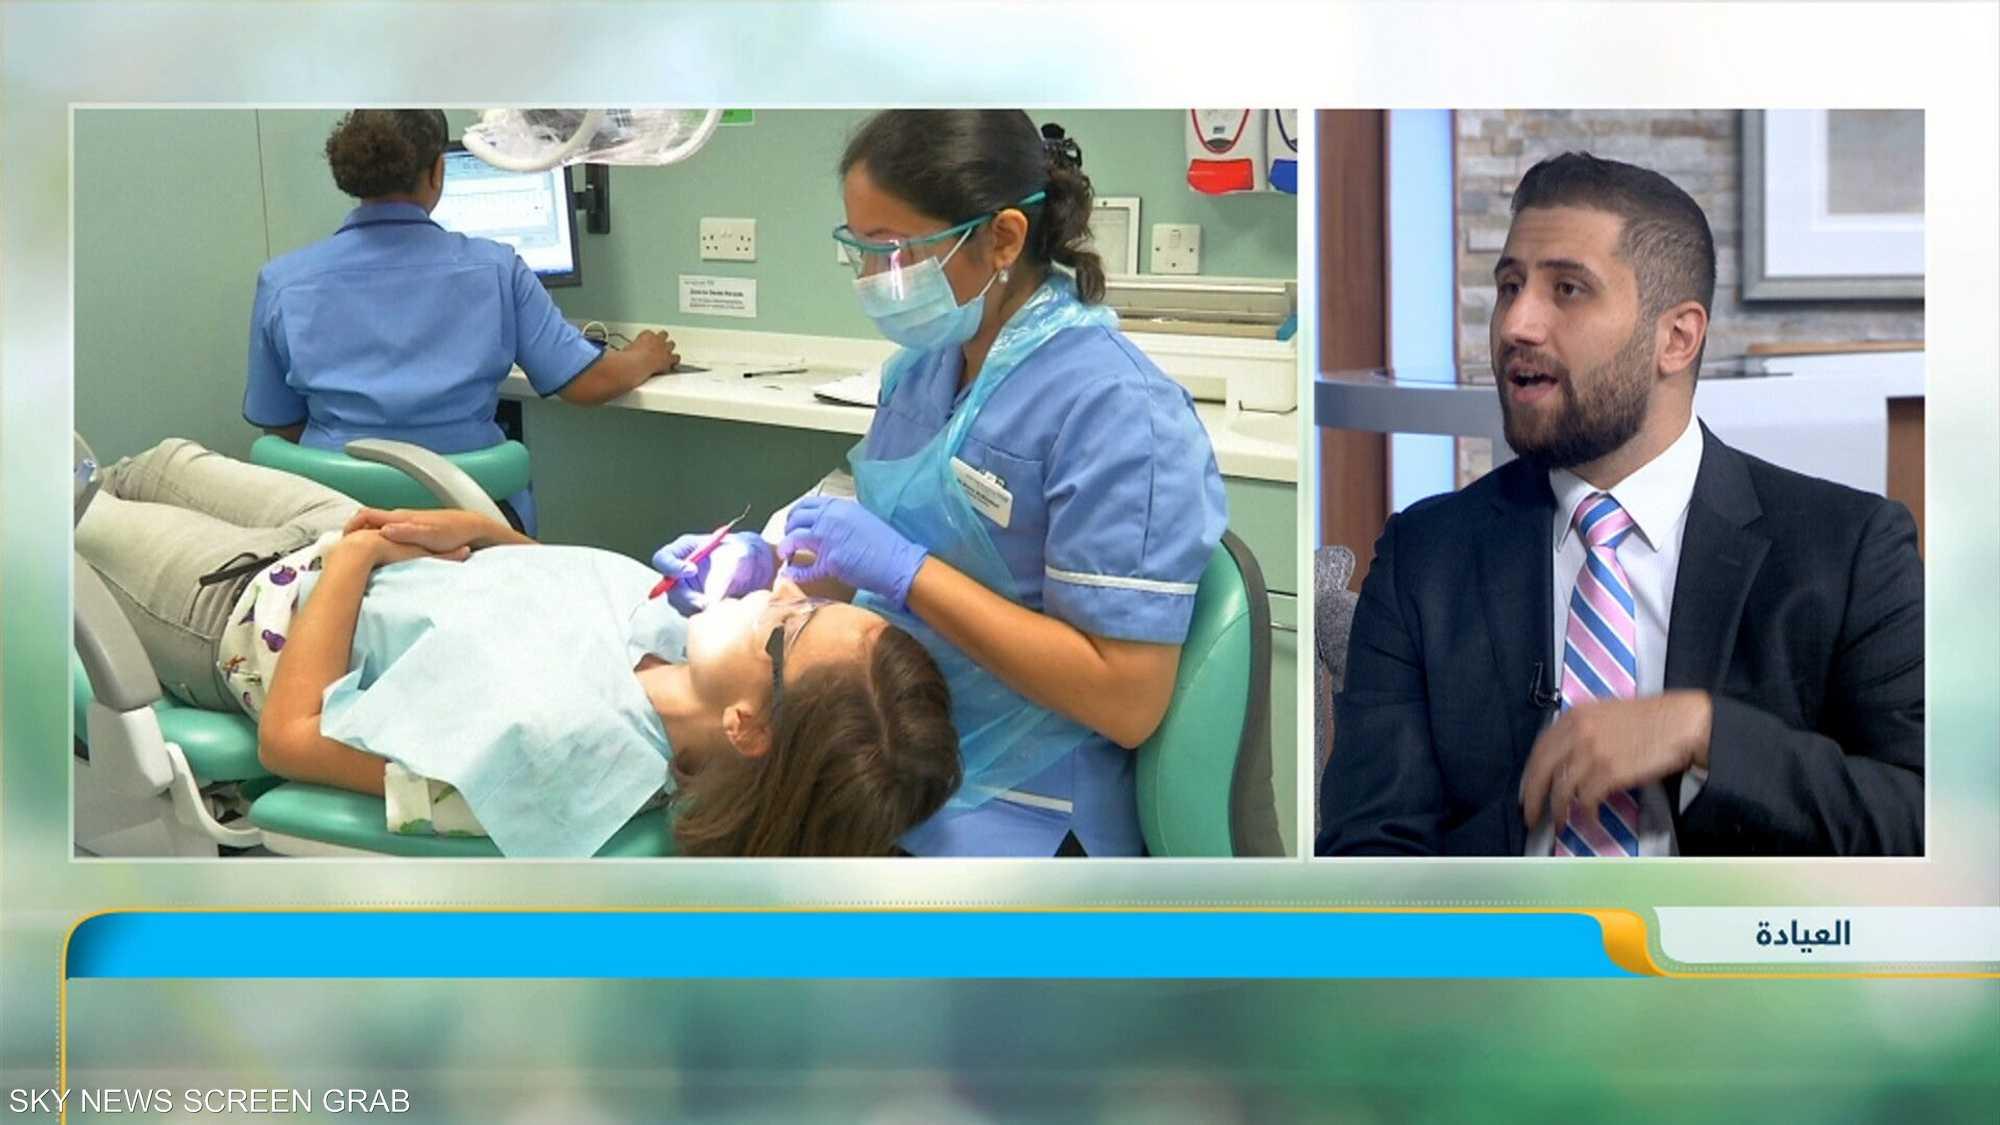 العيادة.. عوامل كثيرة تؤدي لحساسية الأسنان